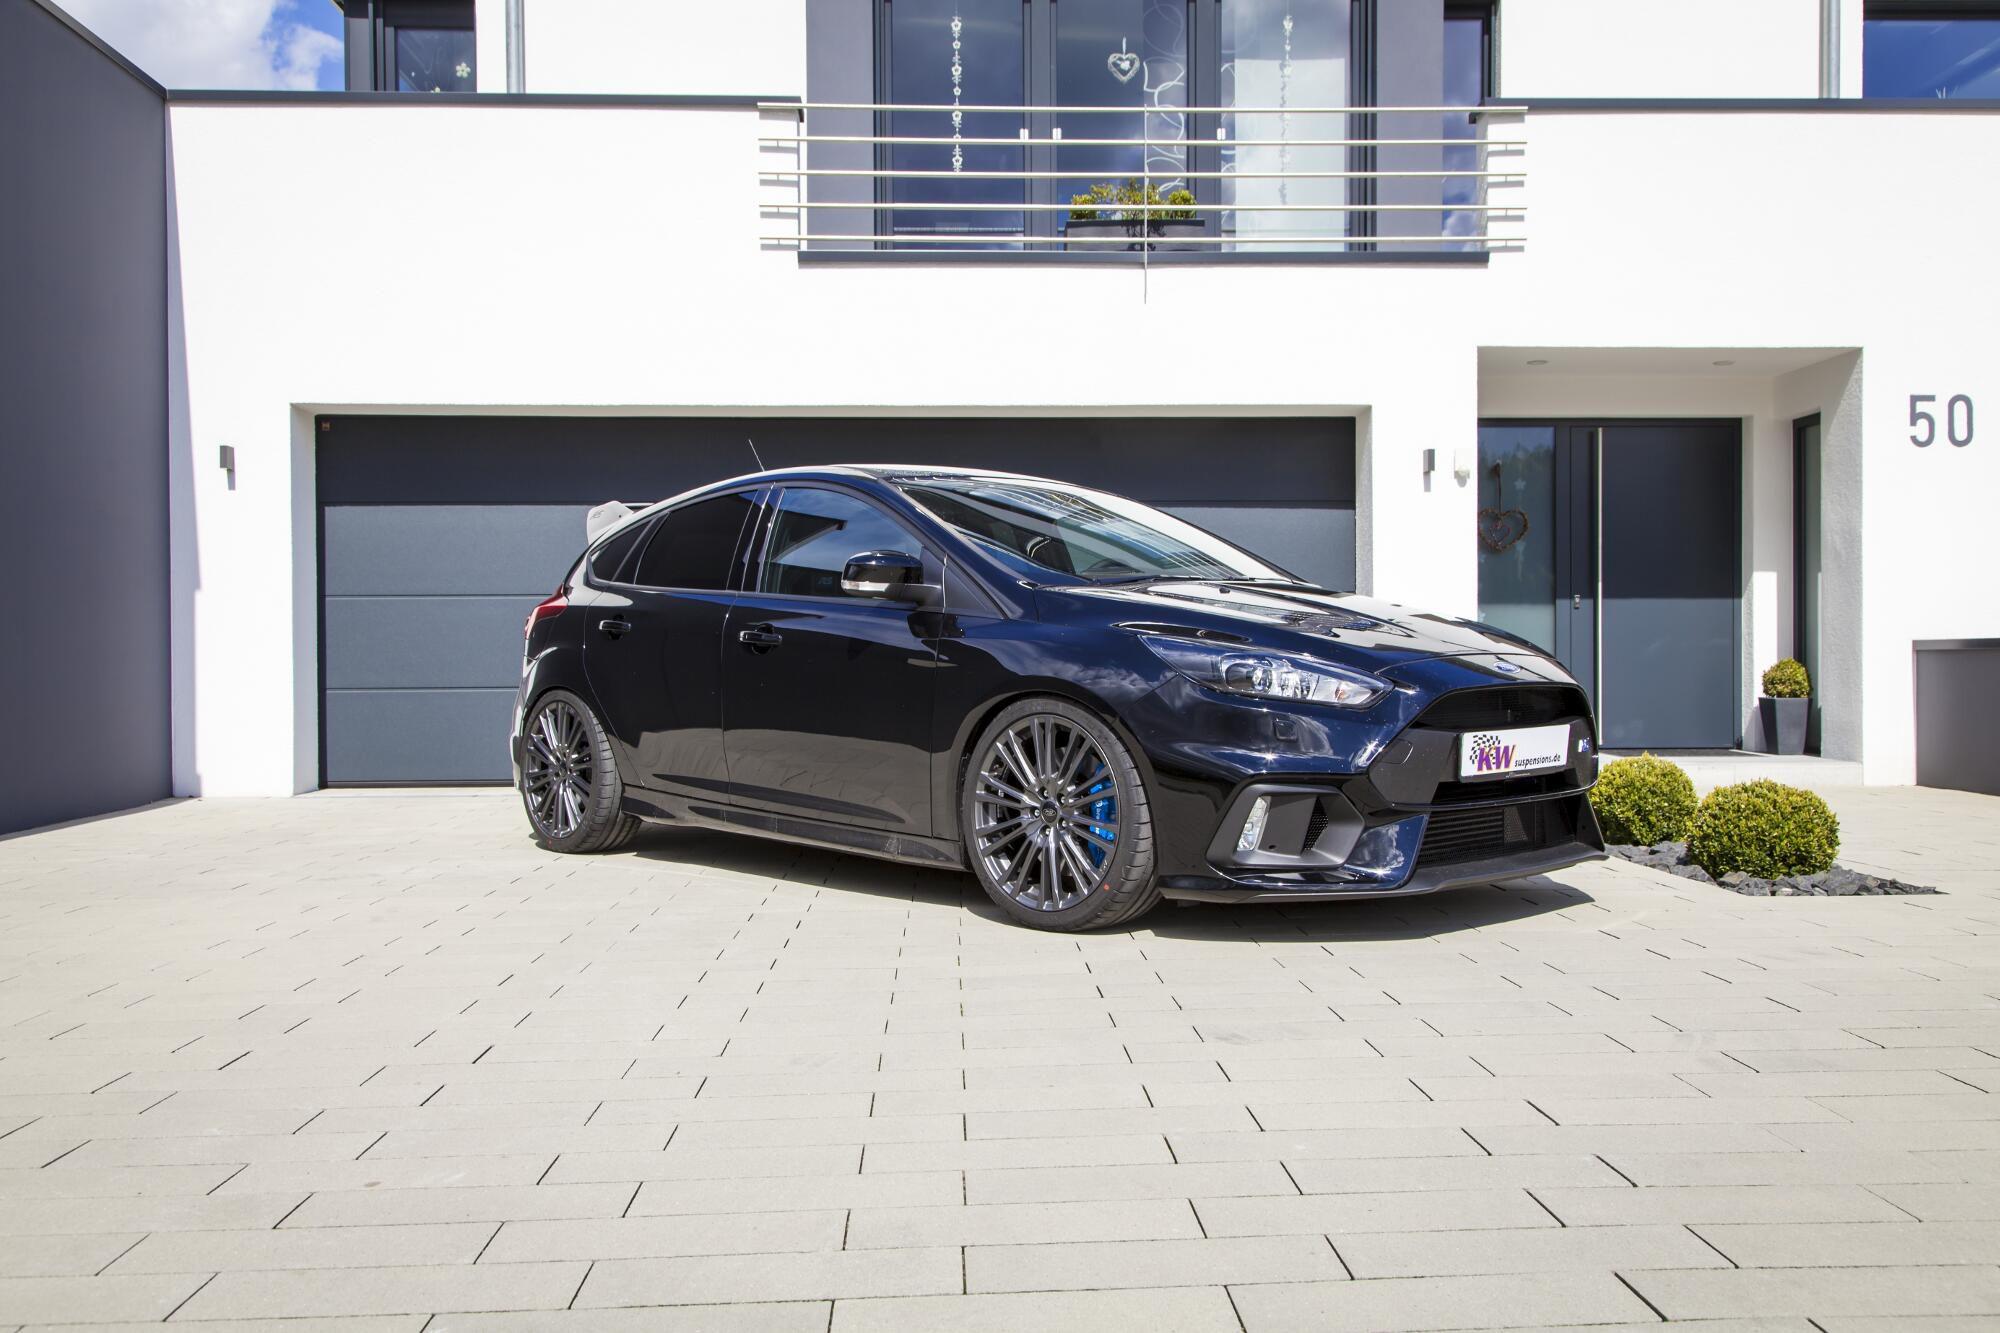 Macht vor jedem Haus eine gute Figur: Der Ford Focus RS